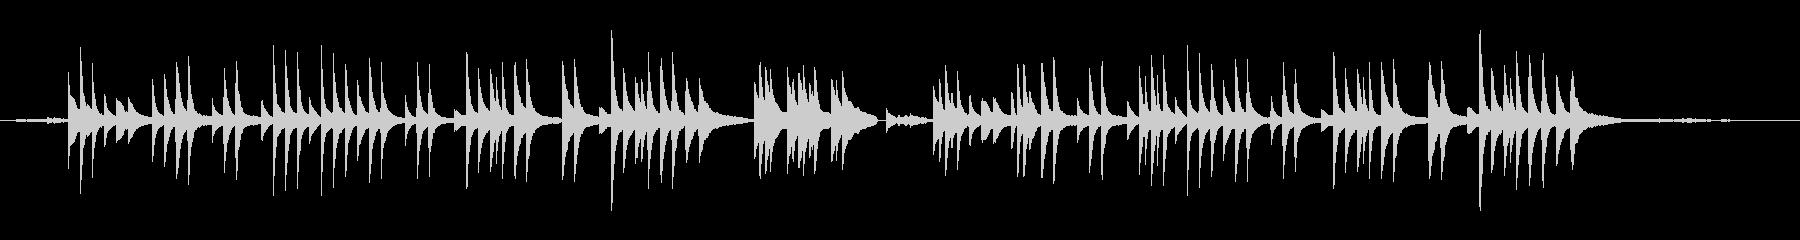 気だるく淡々とした浮遊感のサティピアノ曲の未再生の波形